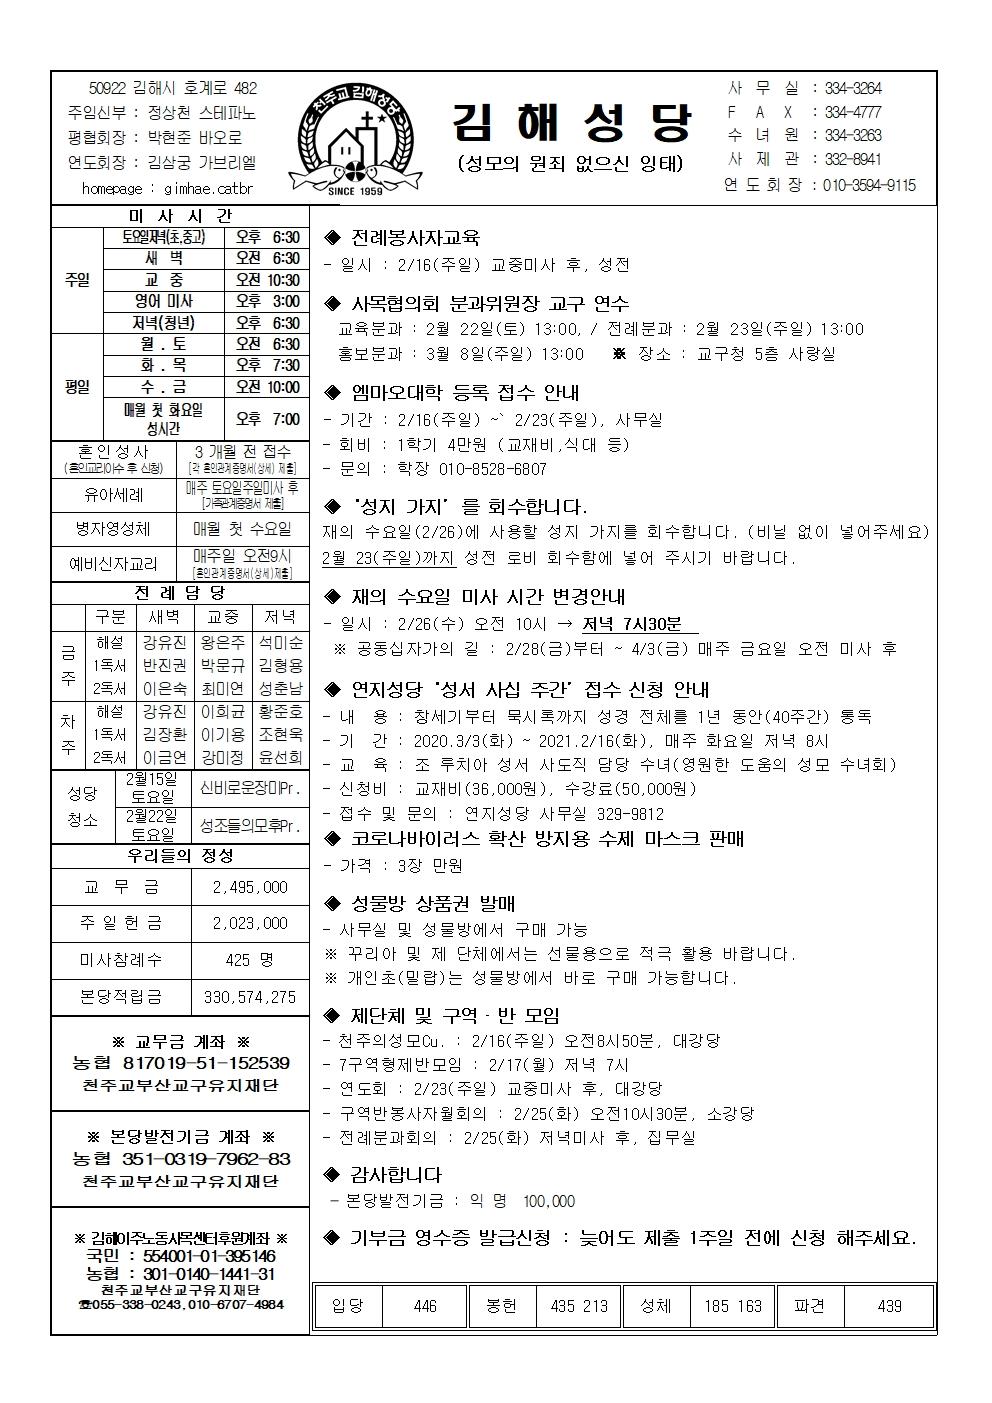 김해202002016001.jpg